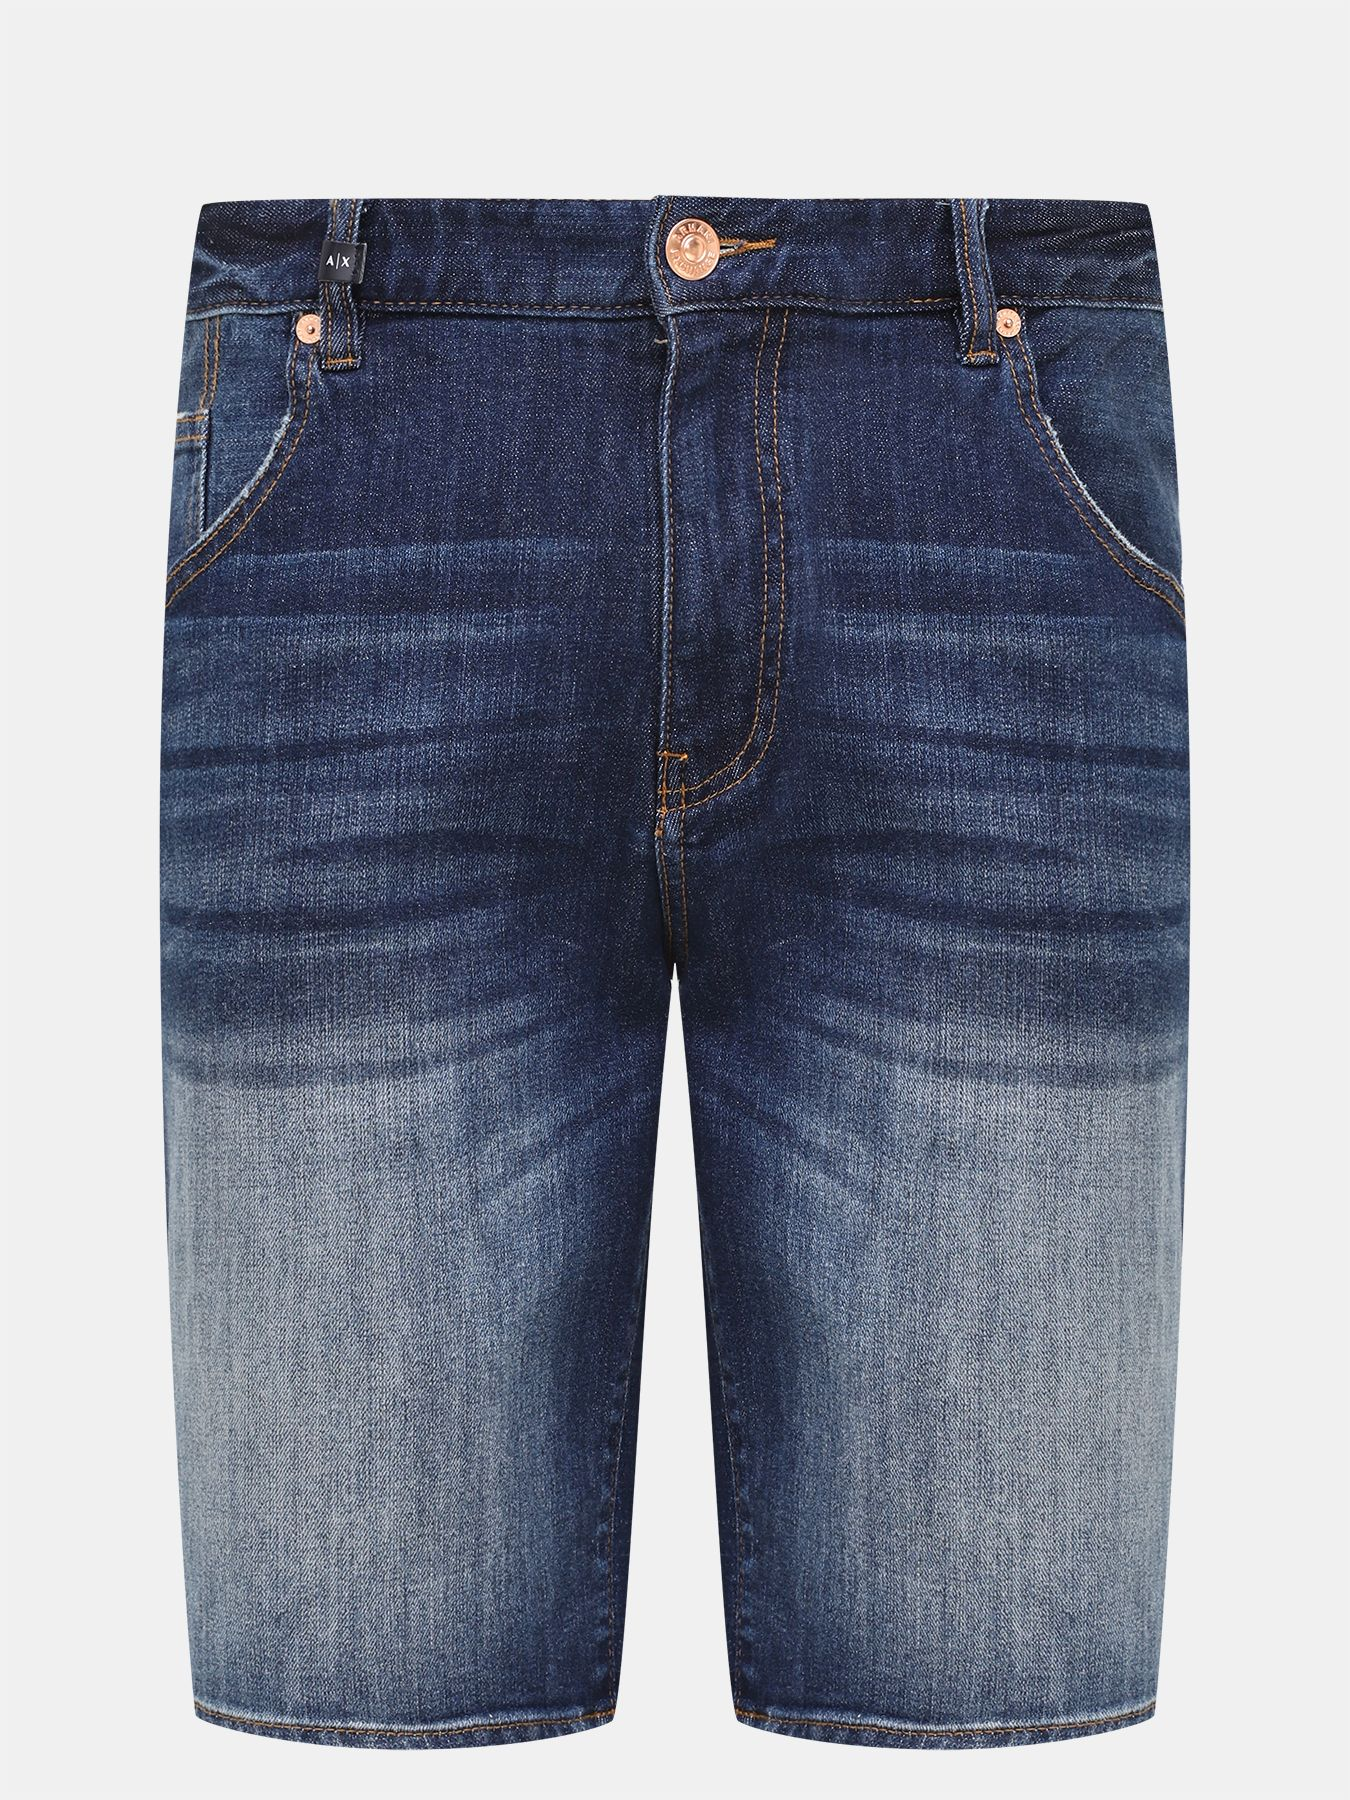 Шорты Armani Exchange Джинсовые шорты